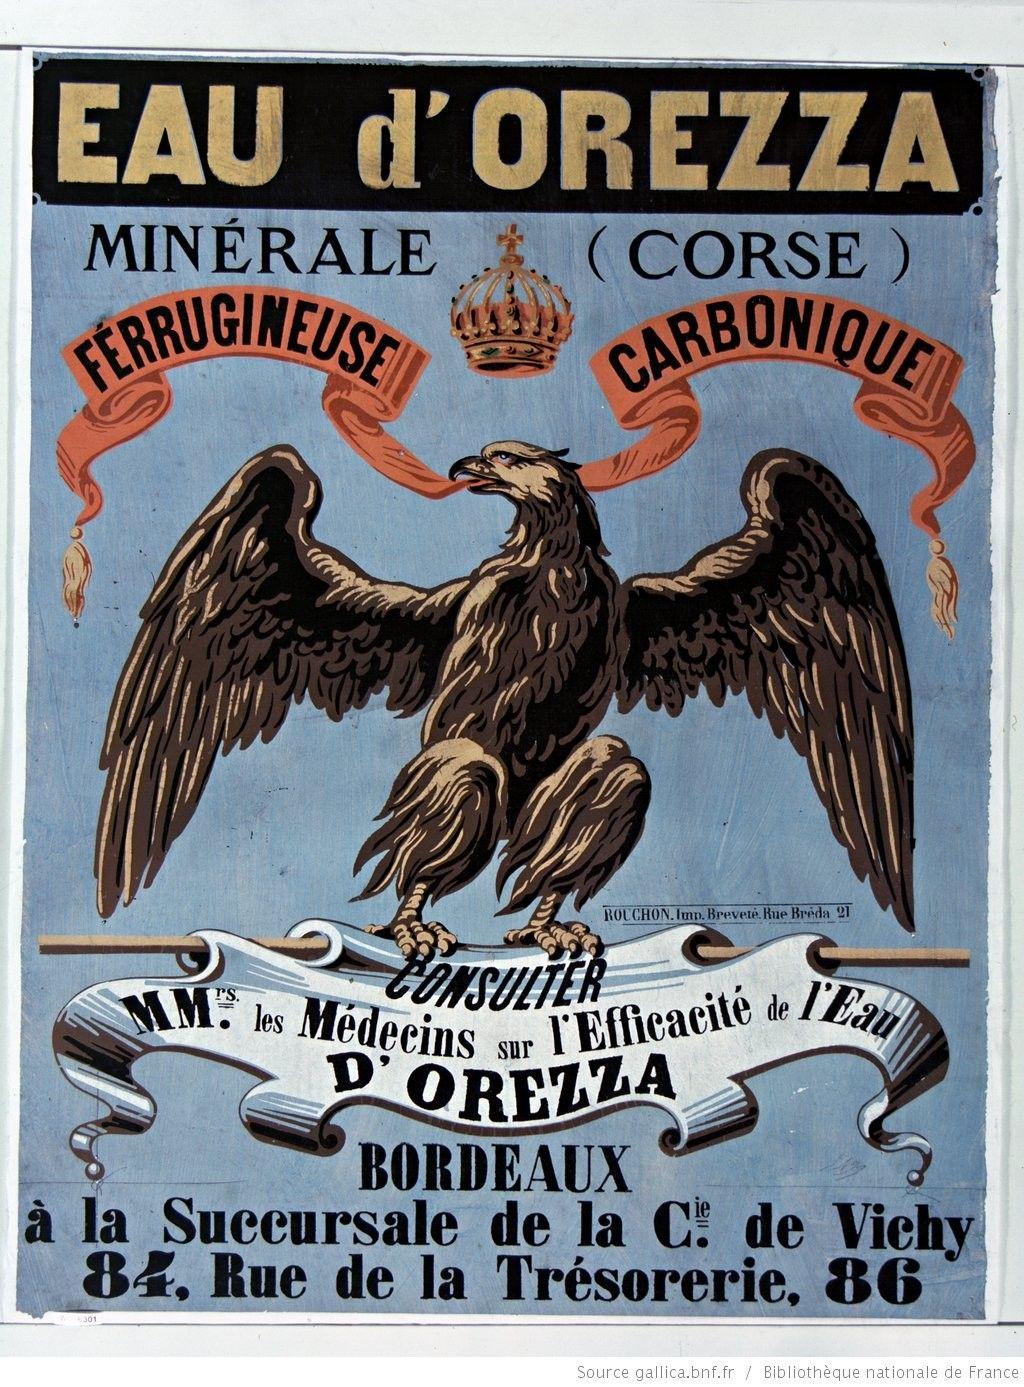 Carte Corse Orezza.Eau D Orezza Corse Minerale Ferrugineuse Carbonique